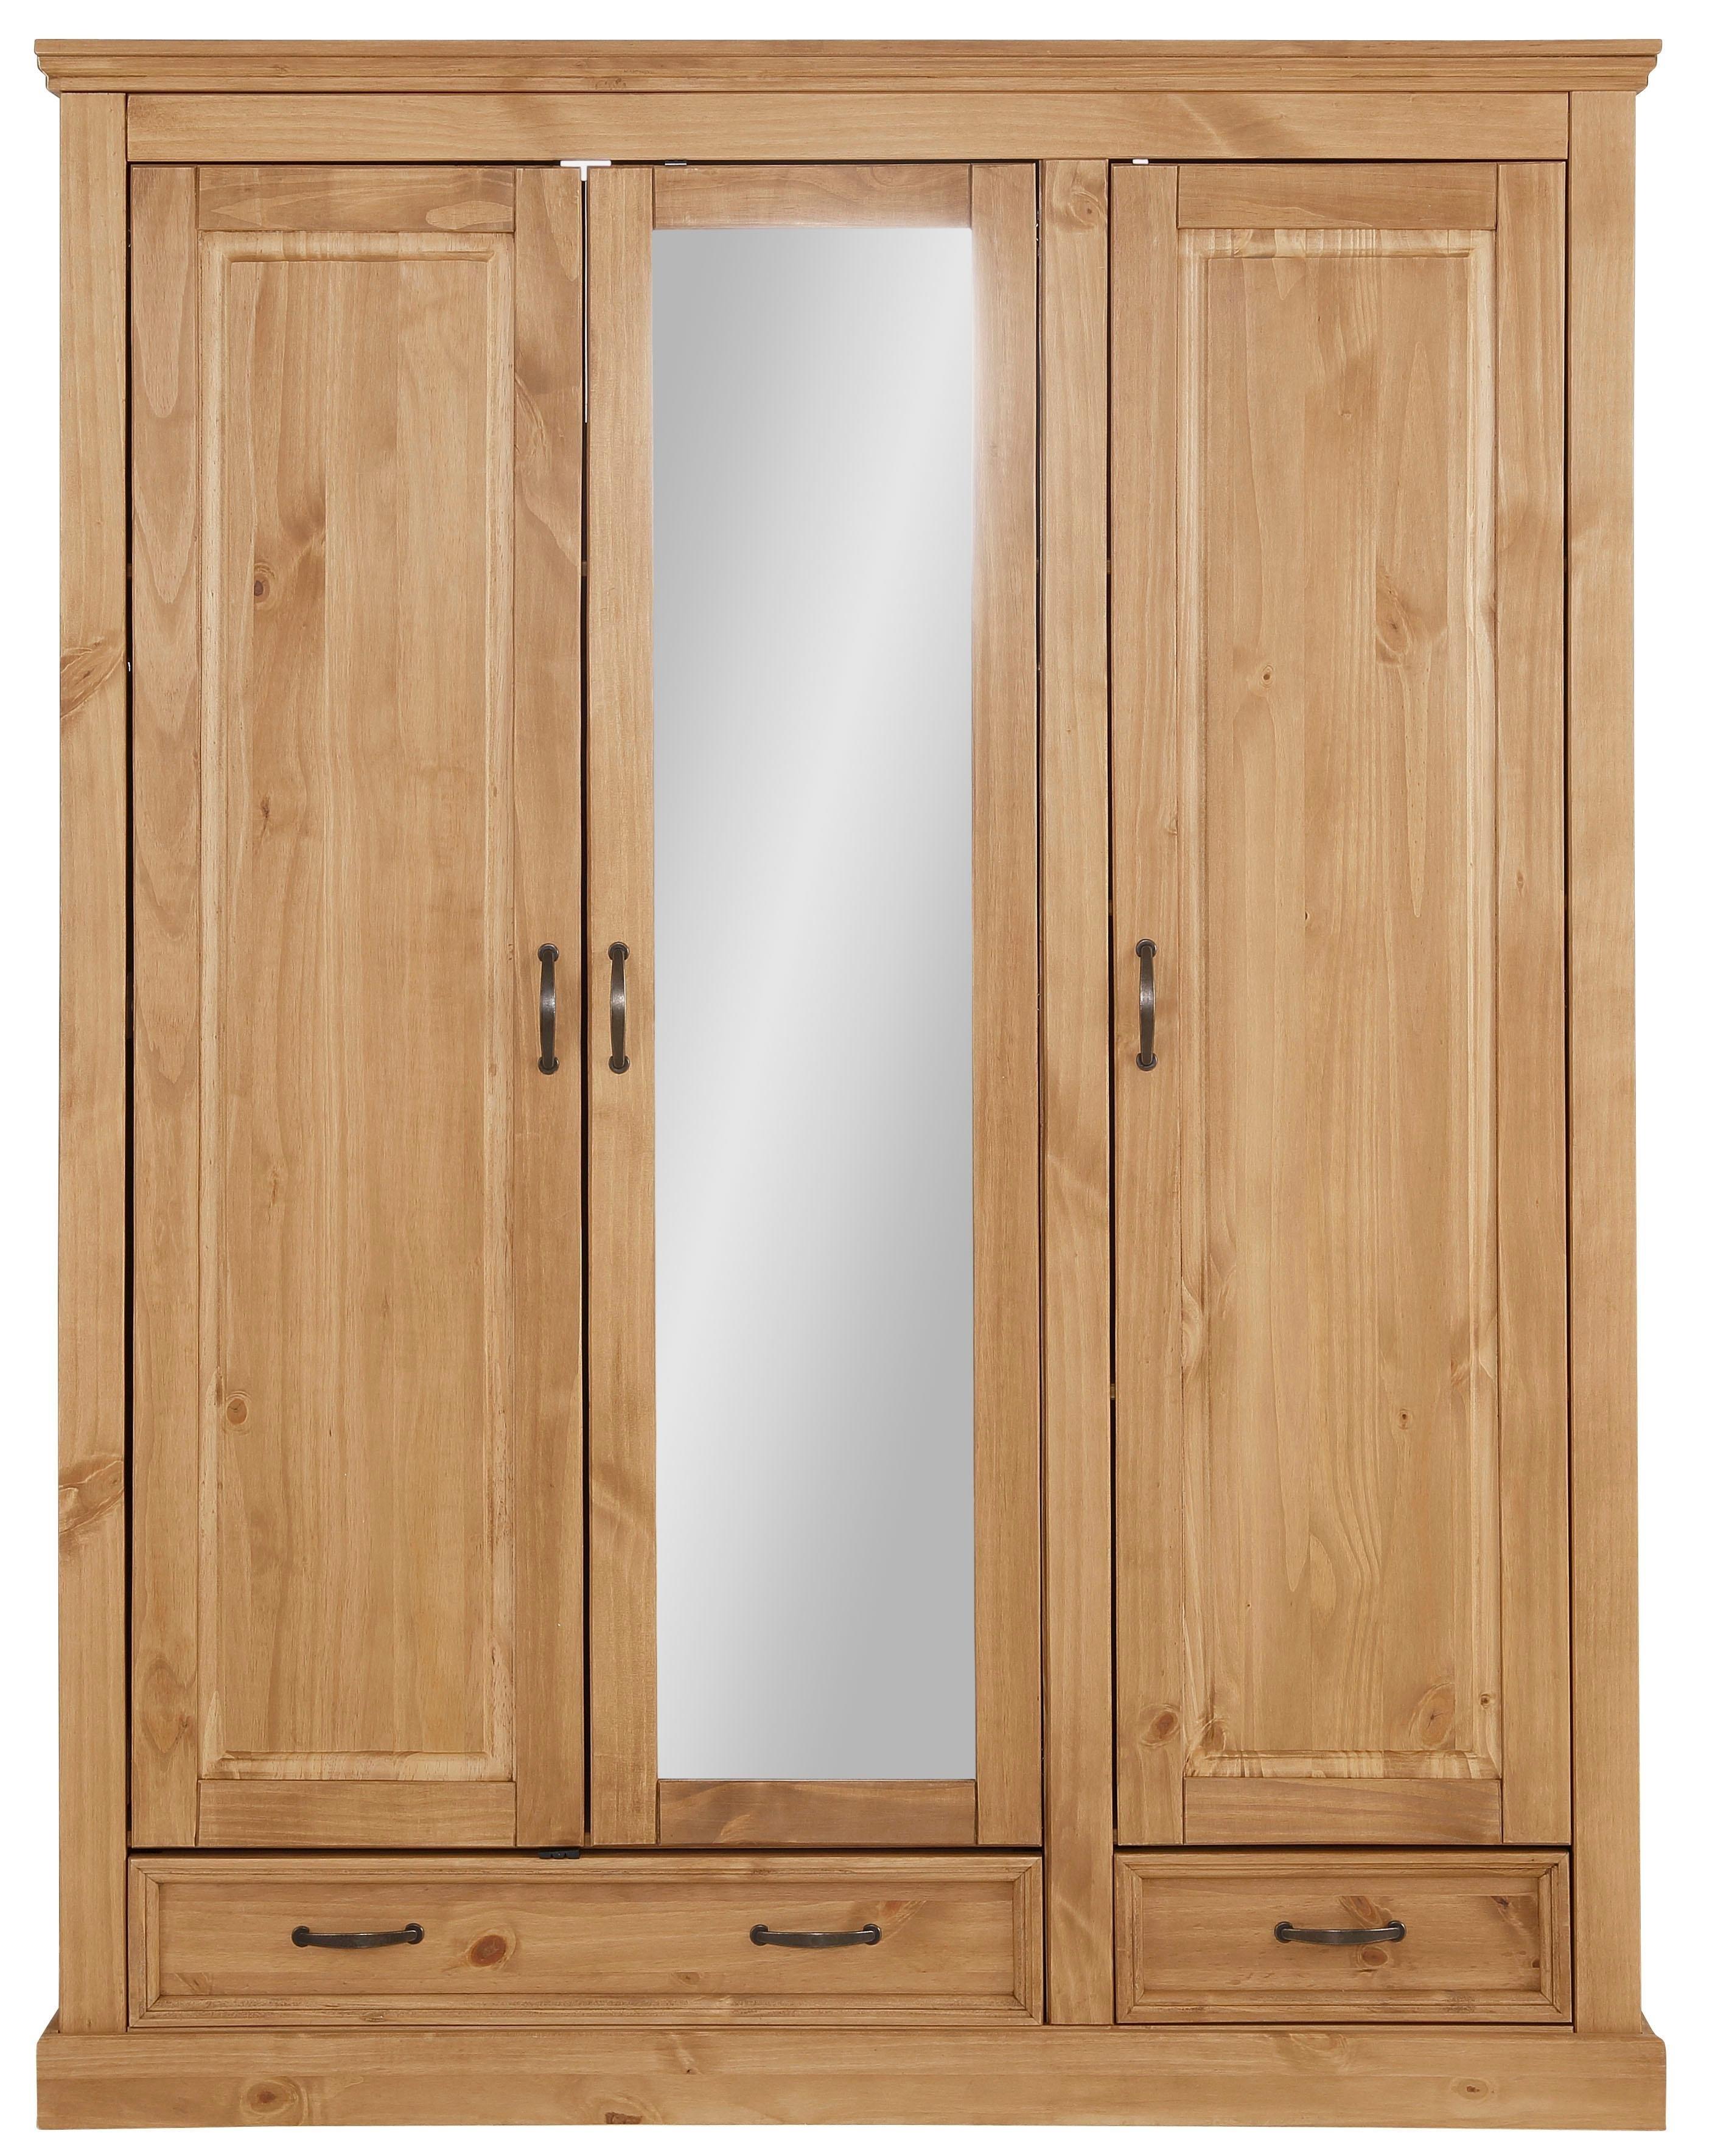 https://i.otto.nl/i/otto/25904984/home-affaire-3-deurs-garderobekast-selma-voor-de-slaapkamer-van-massief-hout-hoogte-190-cm-bruin.jpg?$ovnl_seo_index$